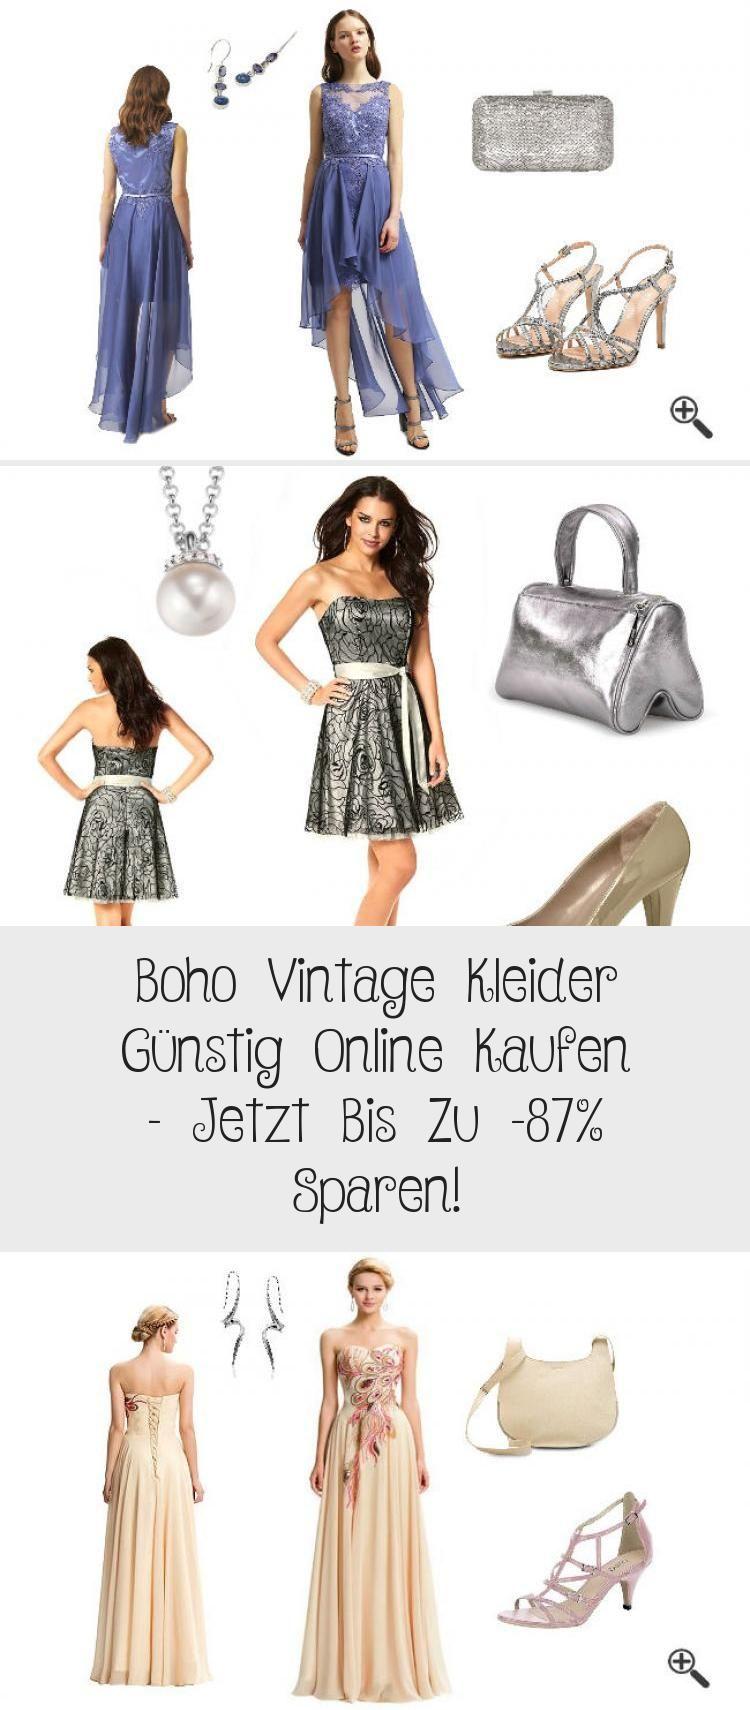 Boho Vintage Kleider Gunstig Online Kaufen Jetzt Bis Zu 87